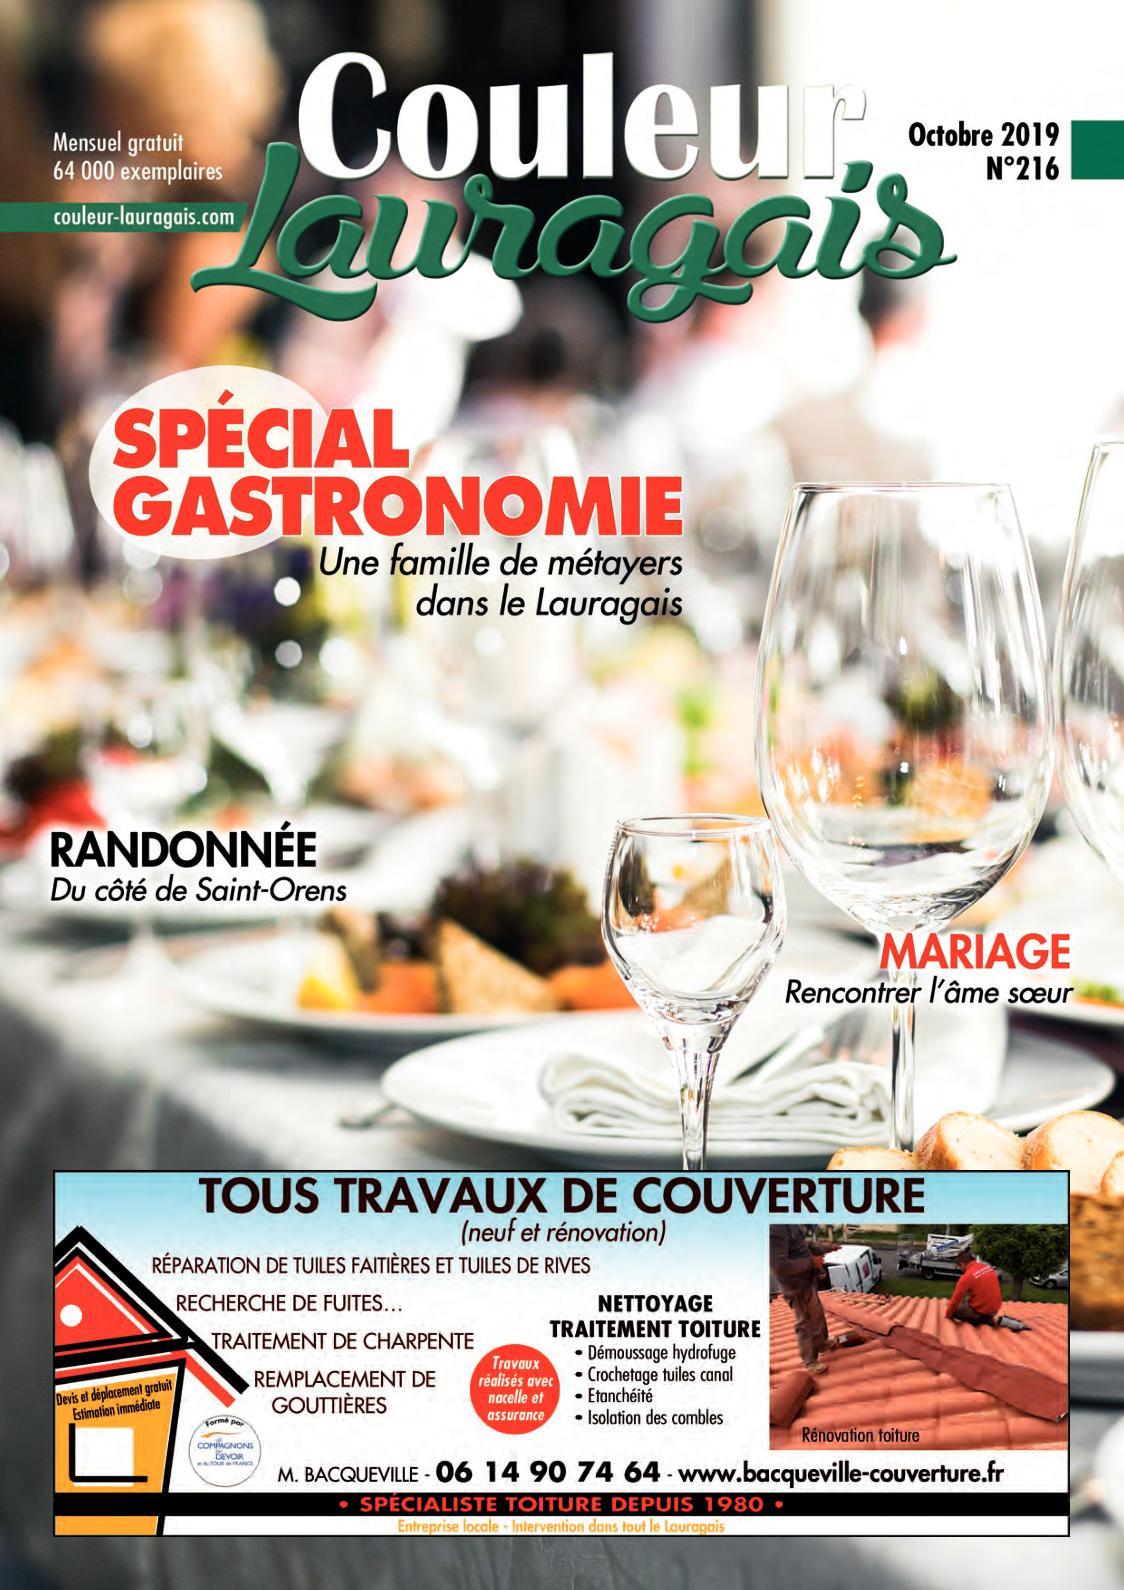 Cote Flammes Villefranche De Lauragais calaméo - couleur lauragais n°216